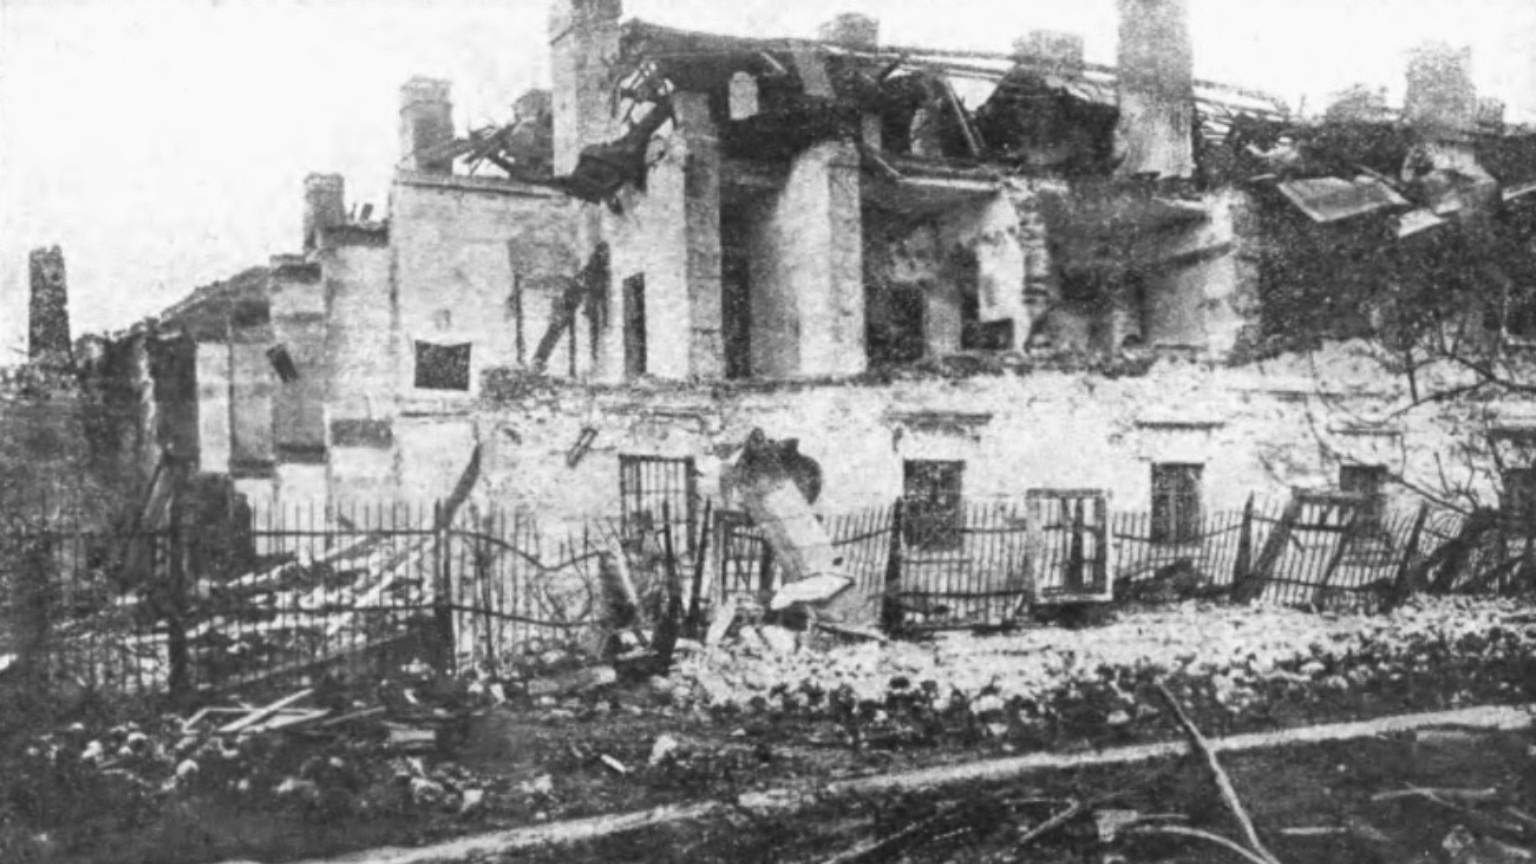 Zdjęcie dla kartki: Wybuch w Cytadeli